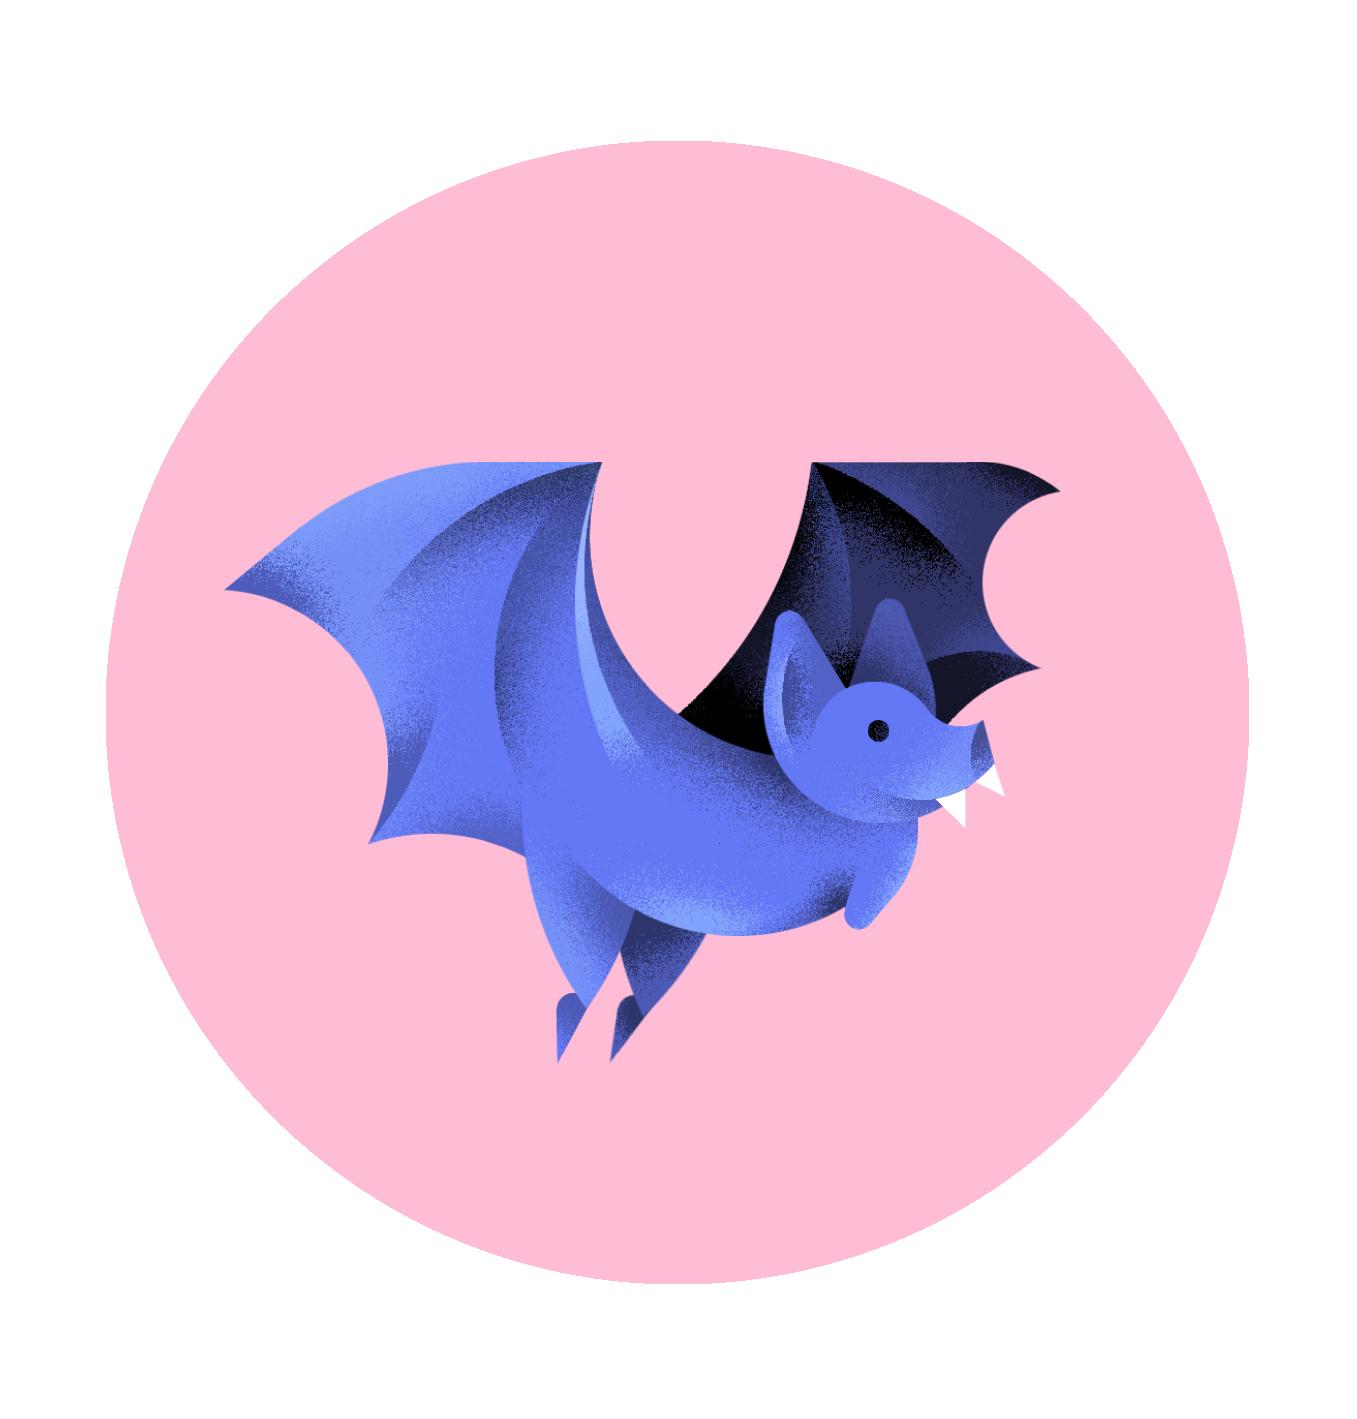 RGB_WSJ_Critters_Bat_.jpg